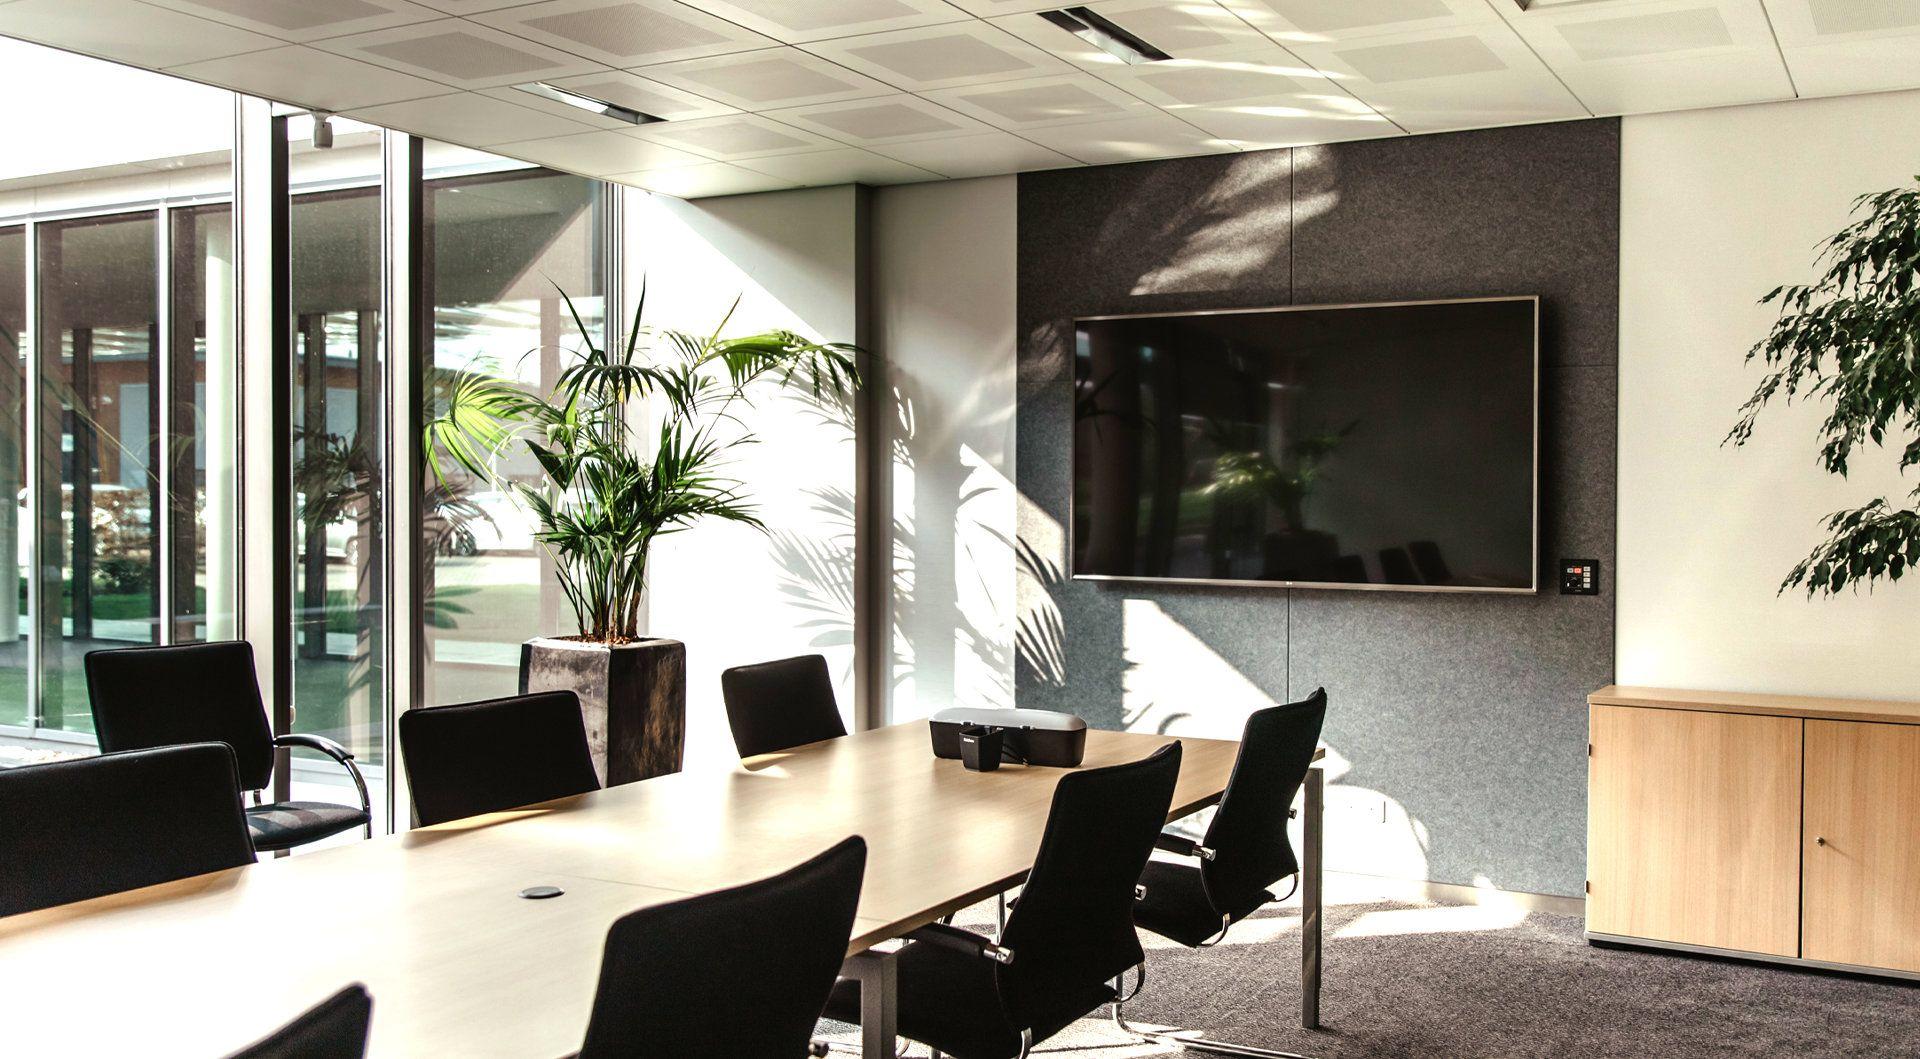 """Projecta HomeScreen 204x316 projectiescherm 3,53 m (139"""") 16:10 - Case studie de vries"""